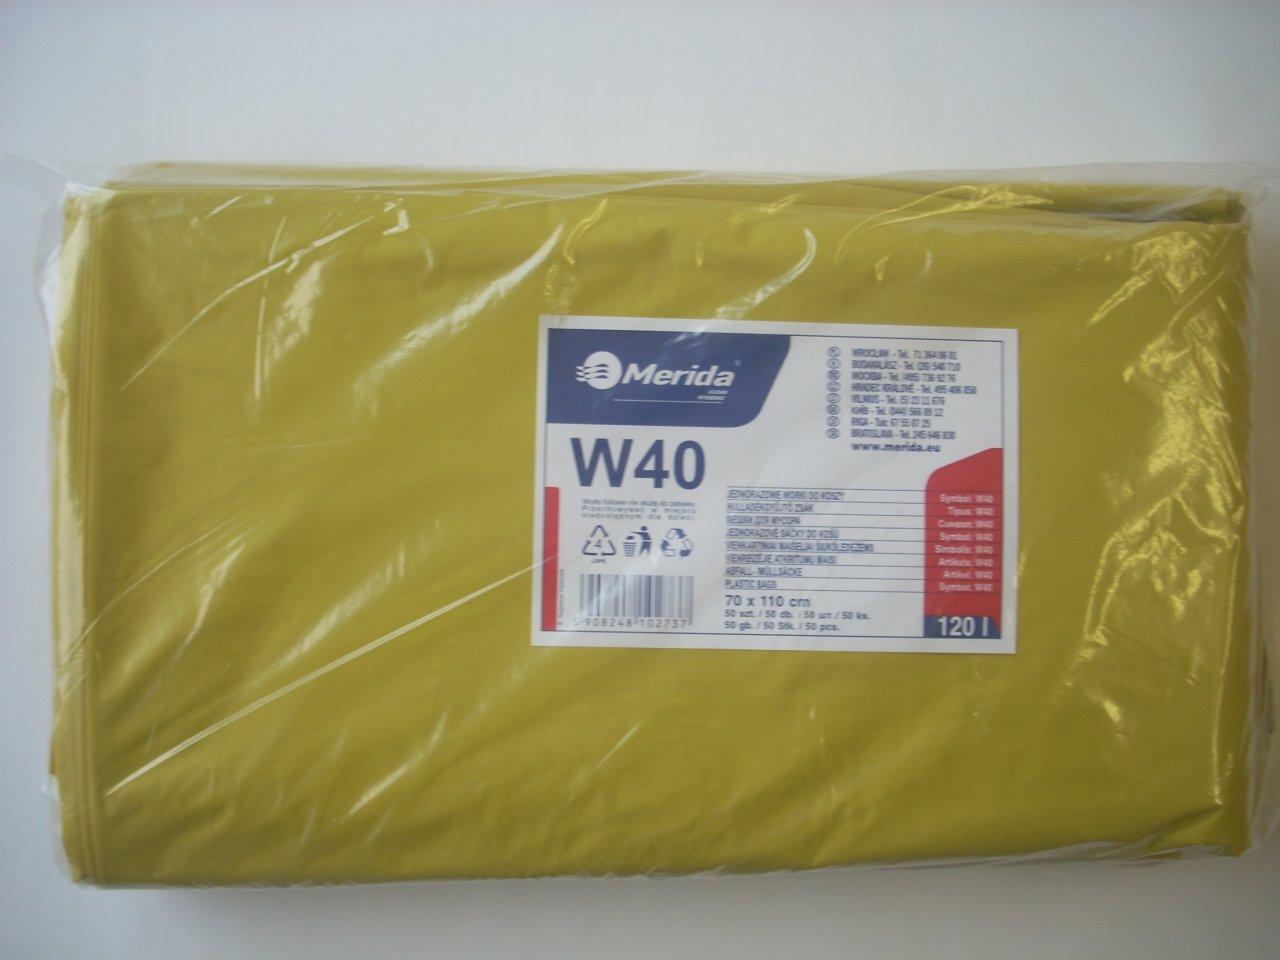 Merida Pytle na odpadky LDPE, 38 mi, 70x110cm,120 l,žluté 50 ks/b